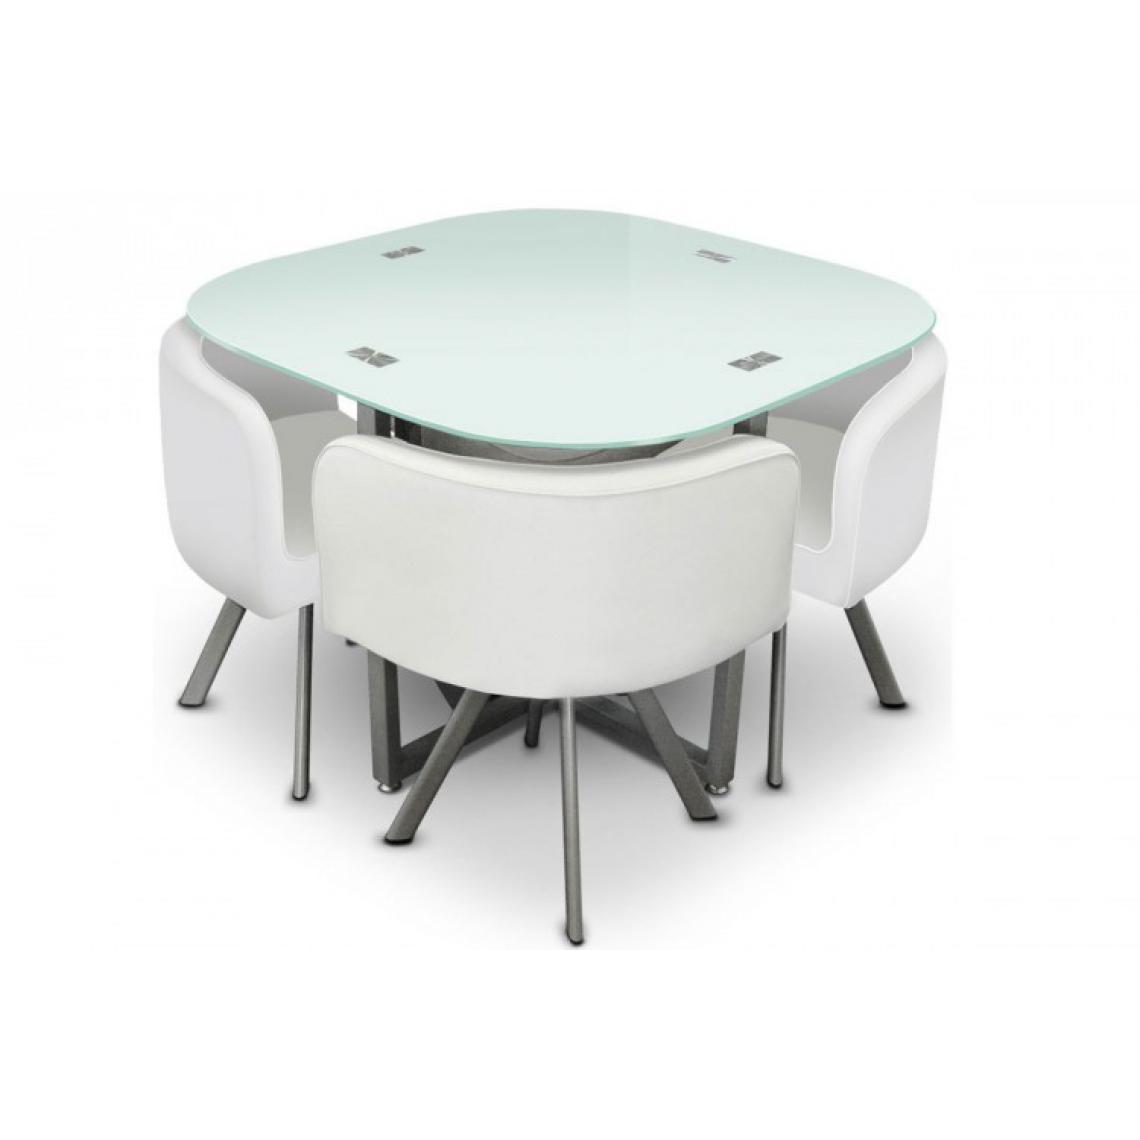 Table Avec Suisses Blanche 4 Elvis3 Chaises Repas E9I2DH